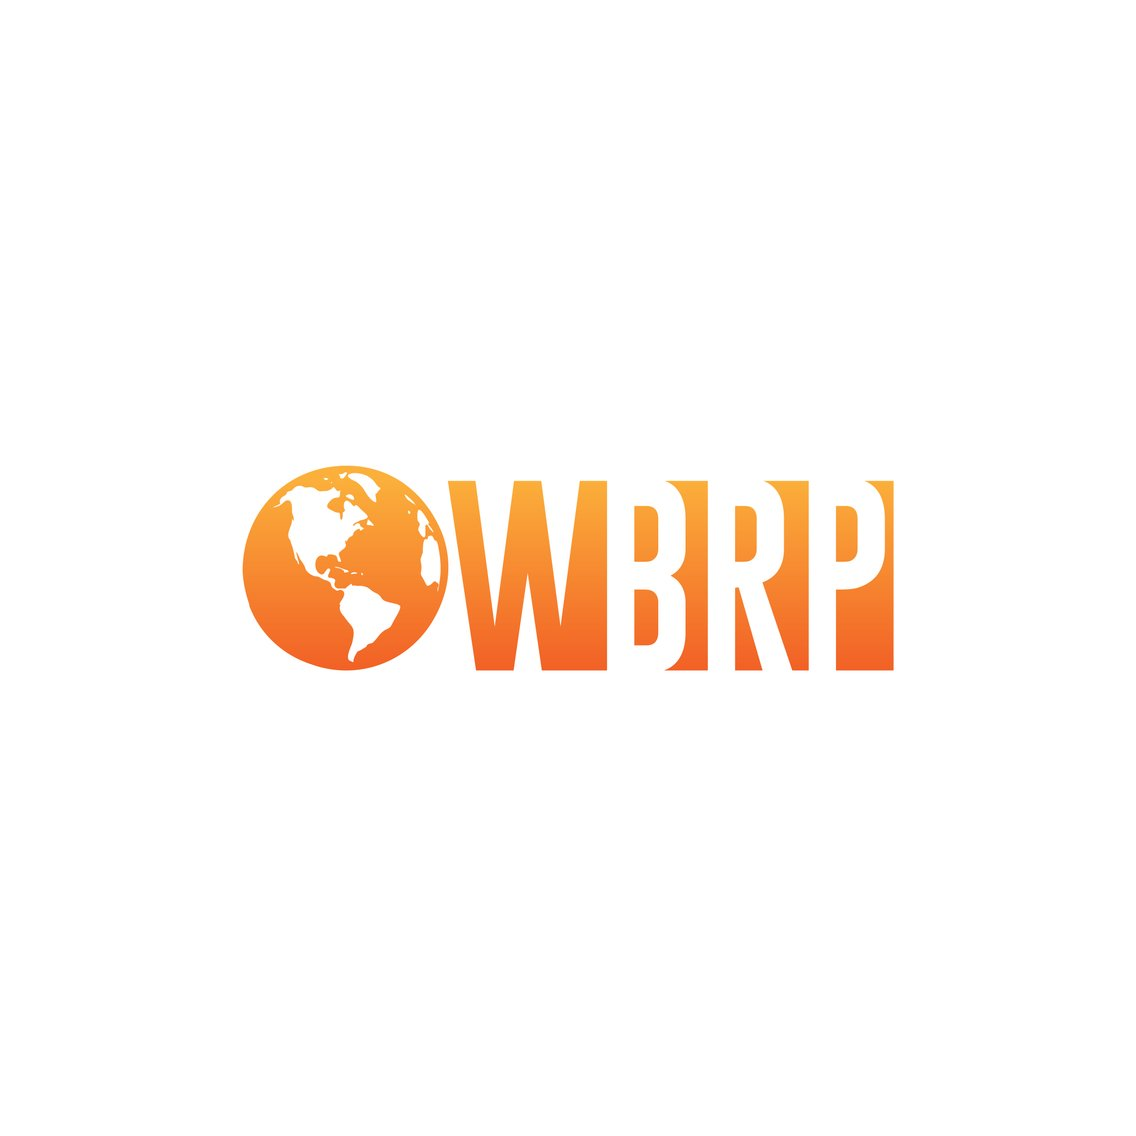 WorldclassBossmanRadioPresents.. - imagen de portada